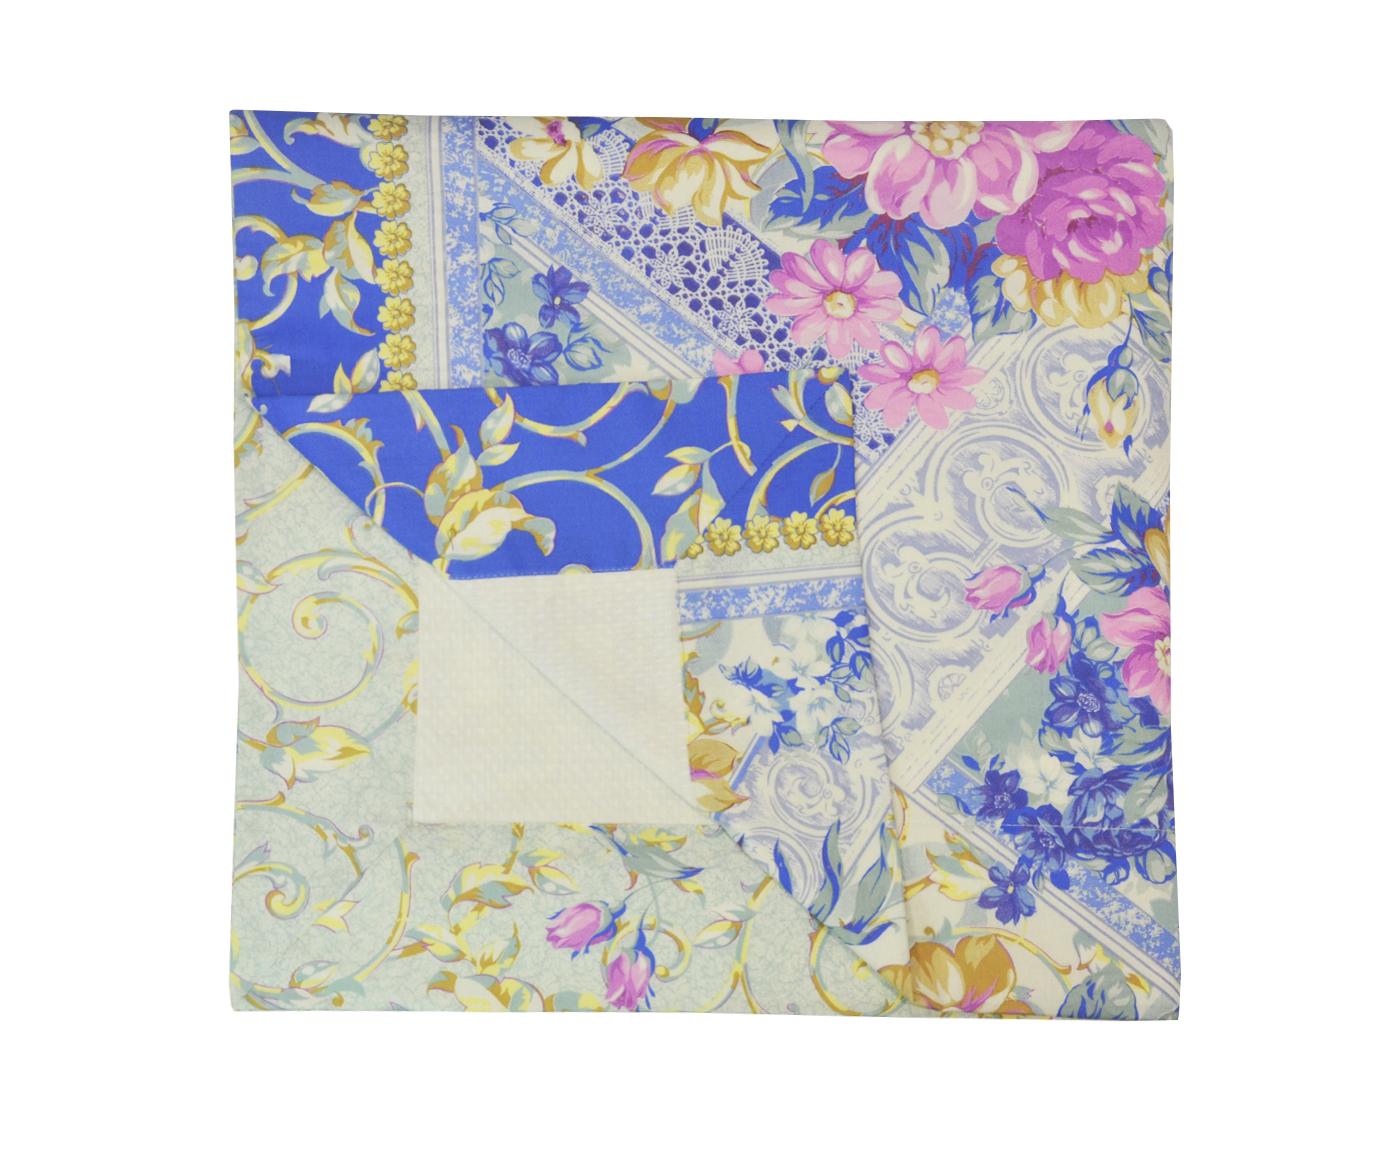 Плед-простынь Цветущий садХлопковые пледы<br>Простыня -плед из сатина с одной стороны и вафельной ткани с другой могут использоваться как легкое одеяло. Очень полезная вещь для тех,кто не любит одевать пододеяльники.<br><br>Material: Хлопок<br>Length см: 200<br>Width см: 200